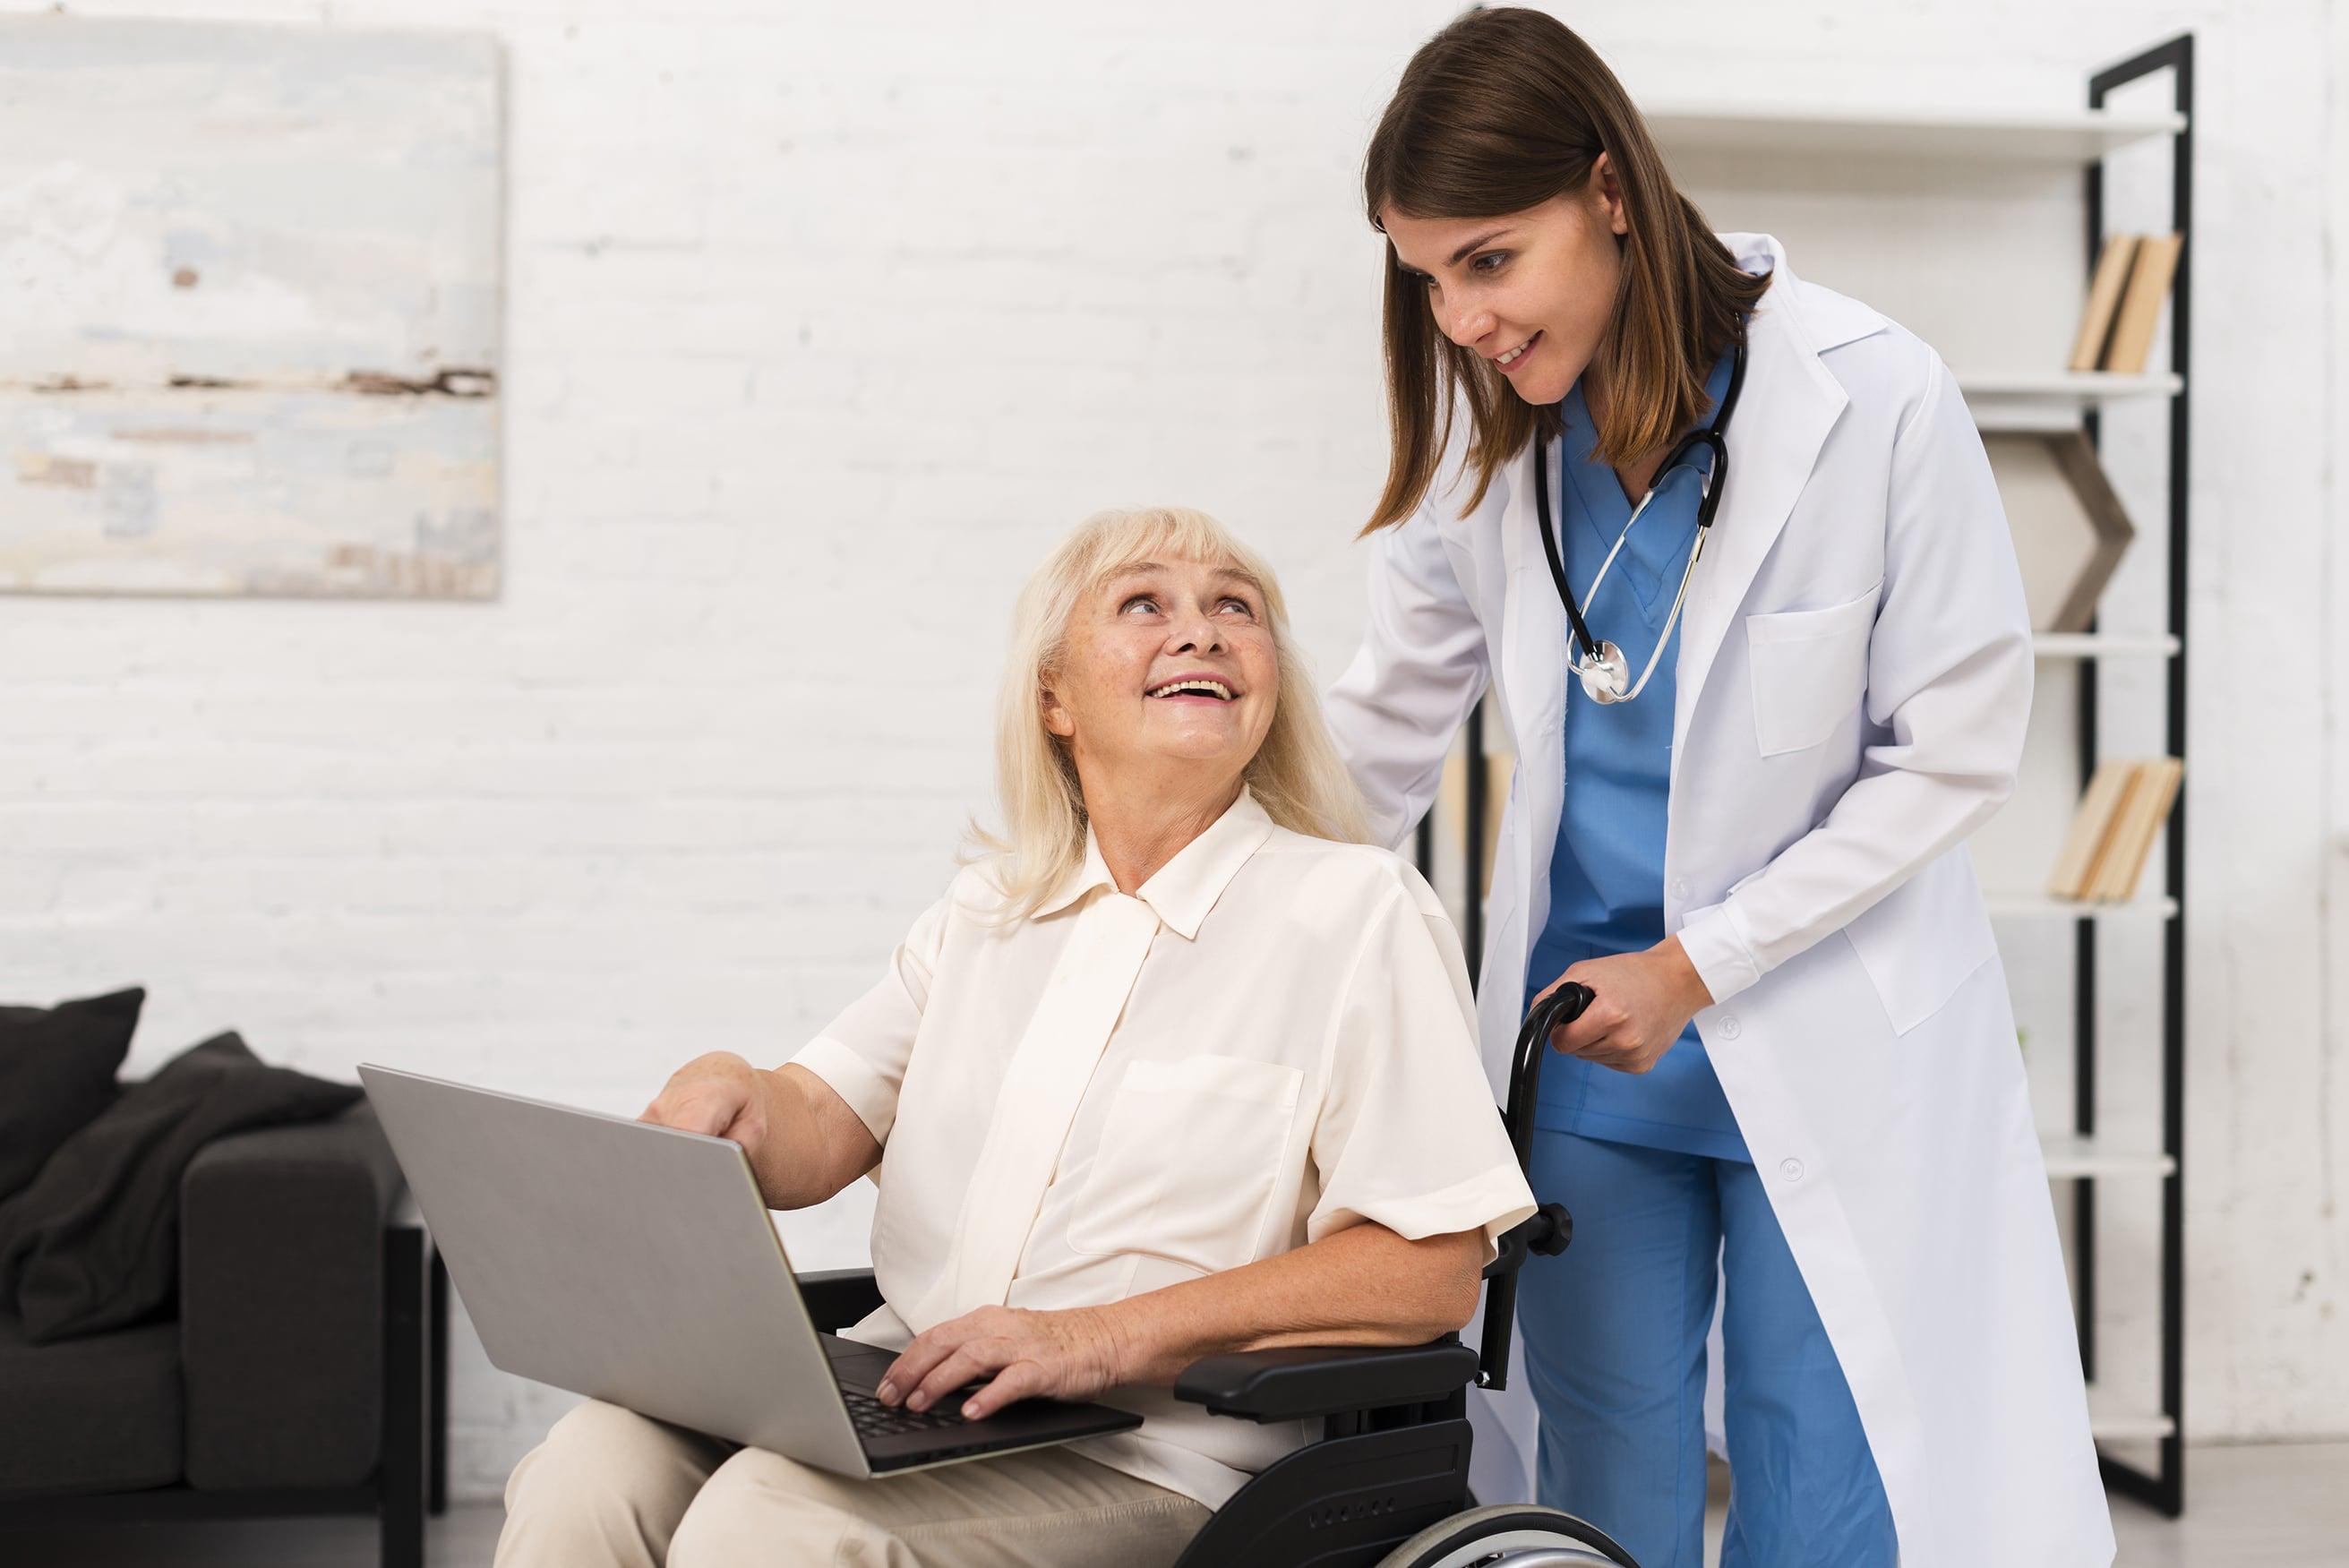 relação entre médico e paciente